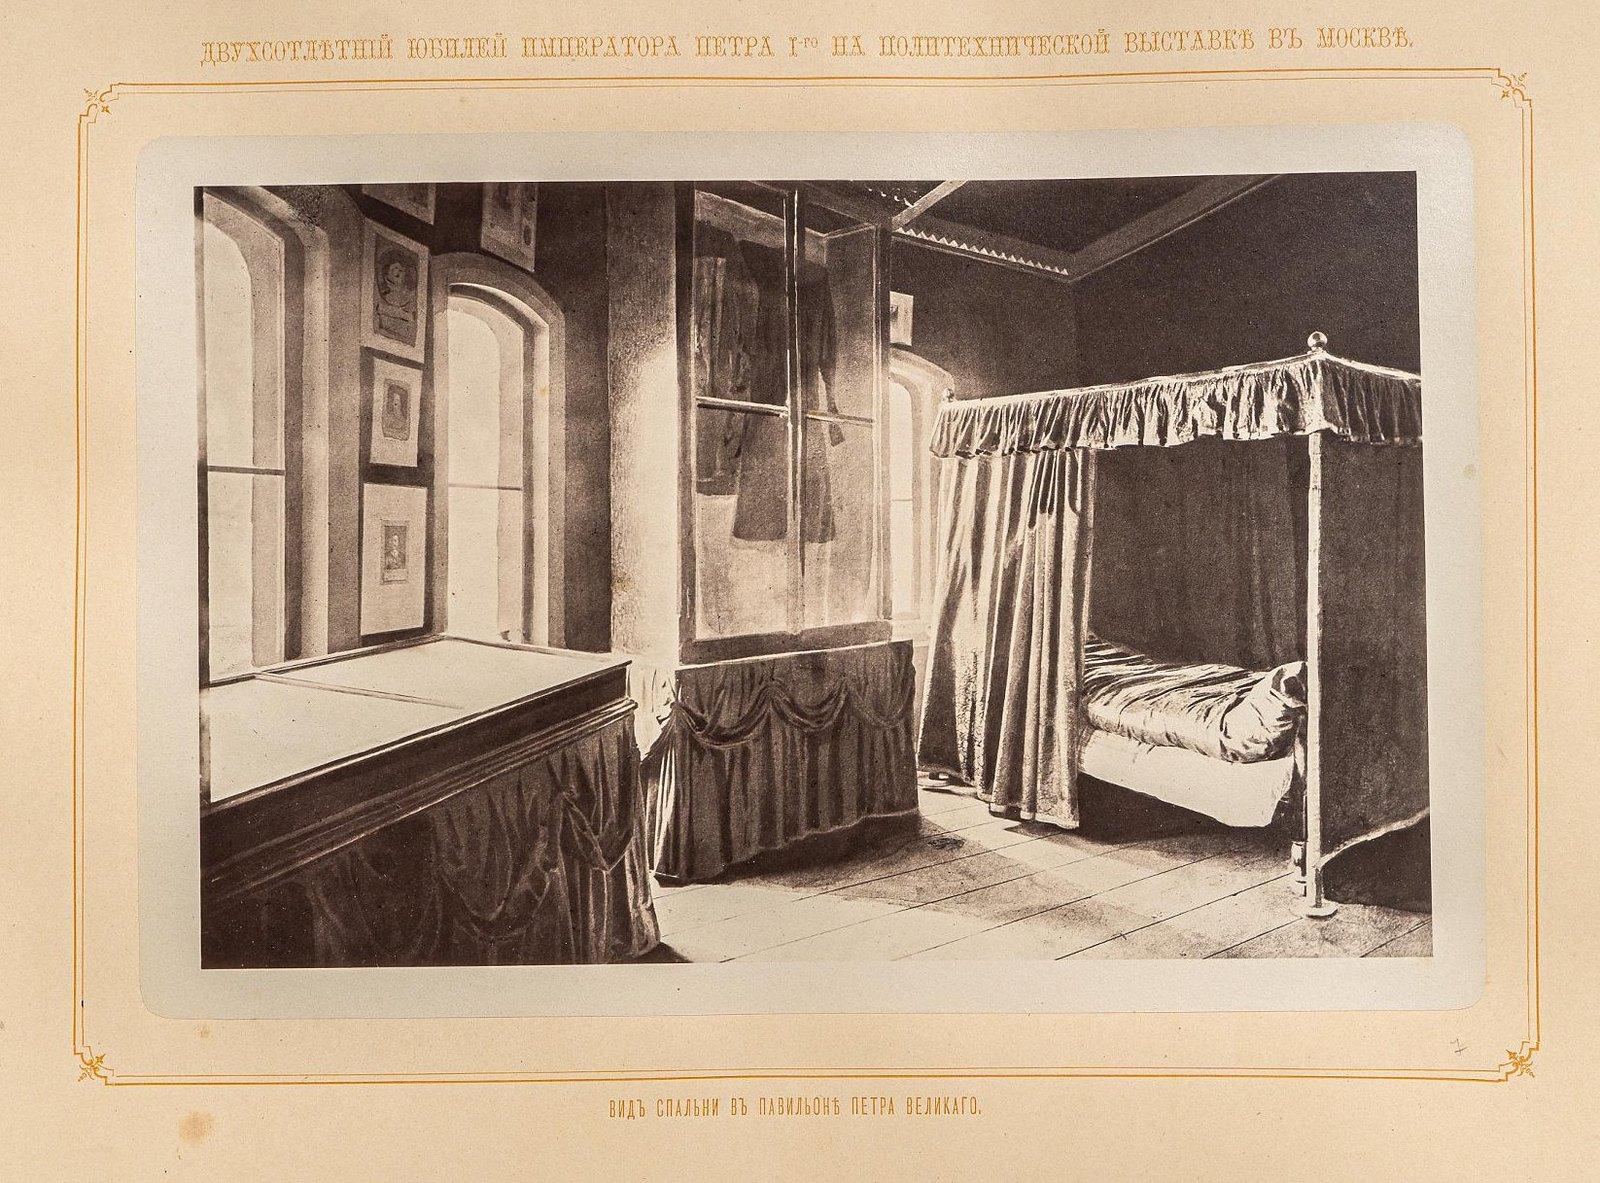 15. Павильон Петра Великого в Кремле (центральная часть Исторического отдела). Вид спальни